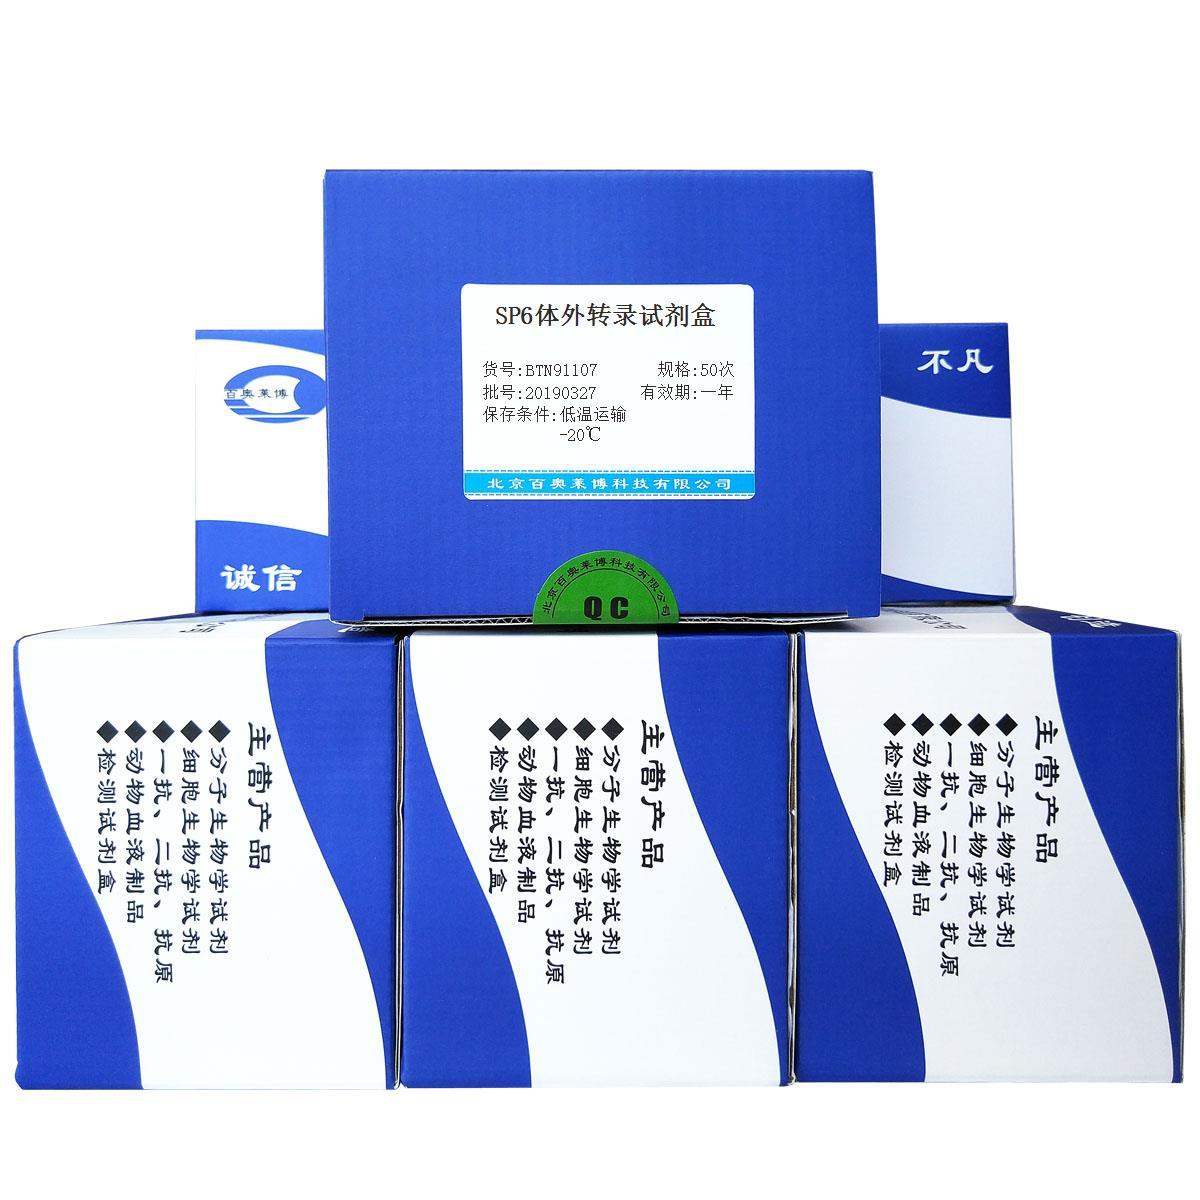 SP6体外转录试剂盒